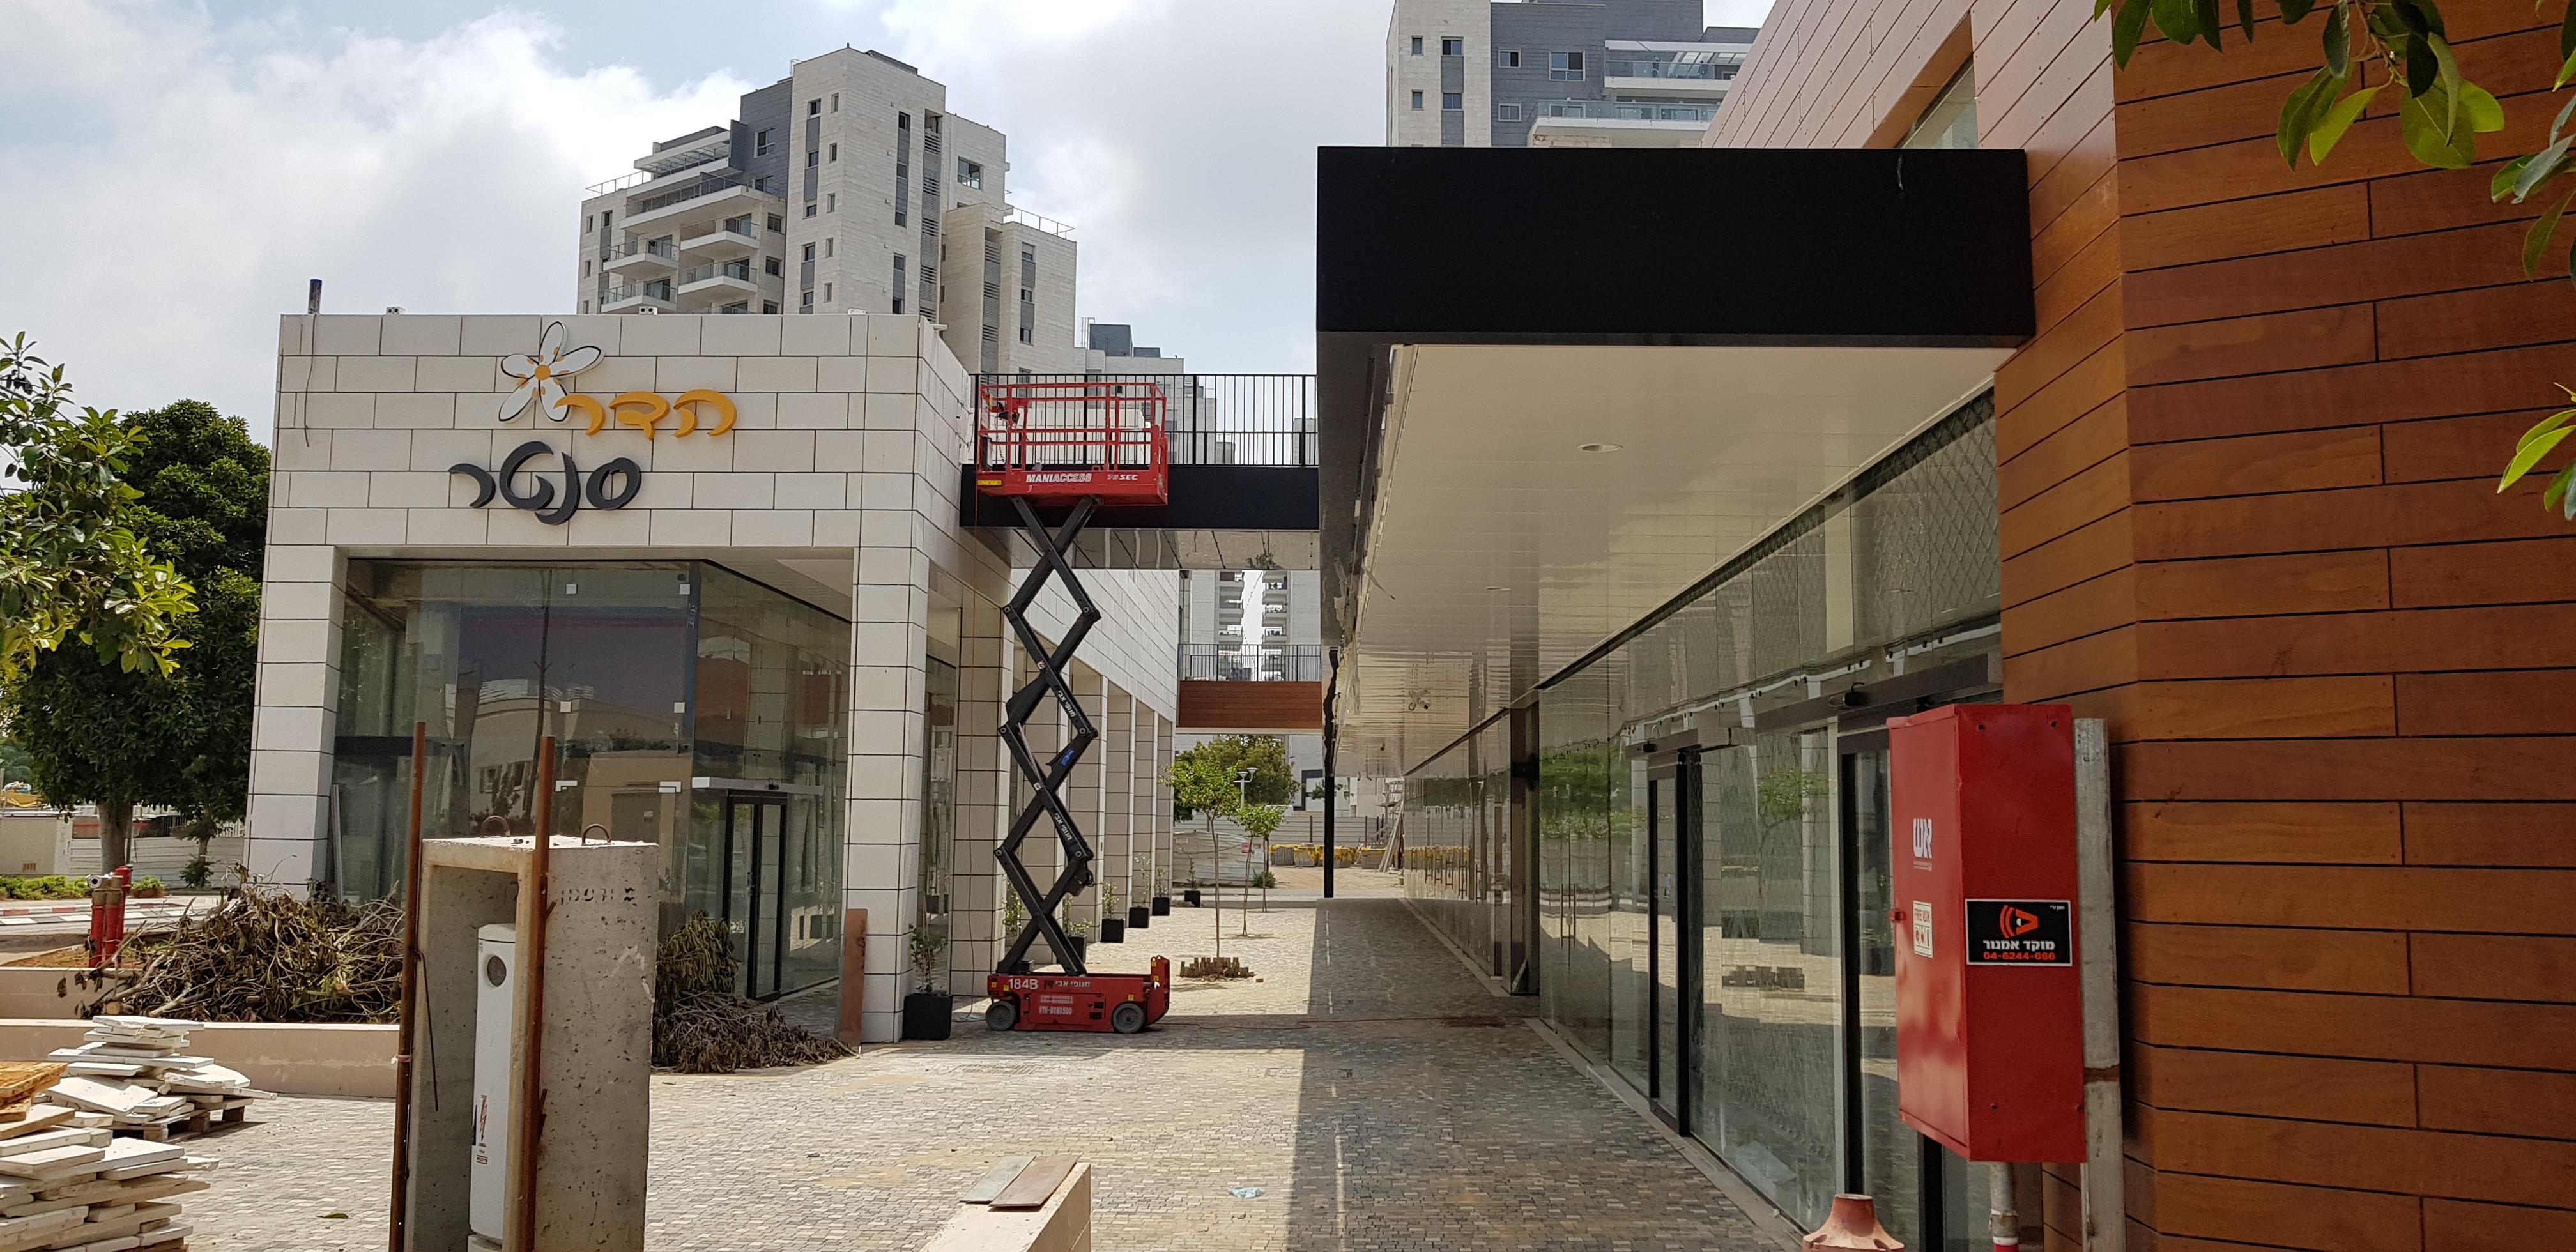 מרכז מסחרי פרדס חנה - טופ סנטר